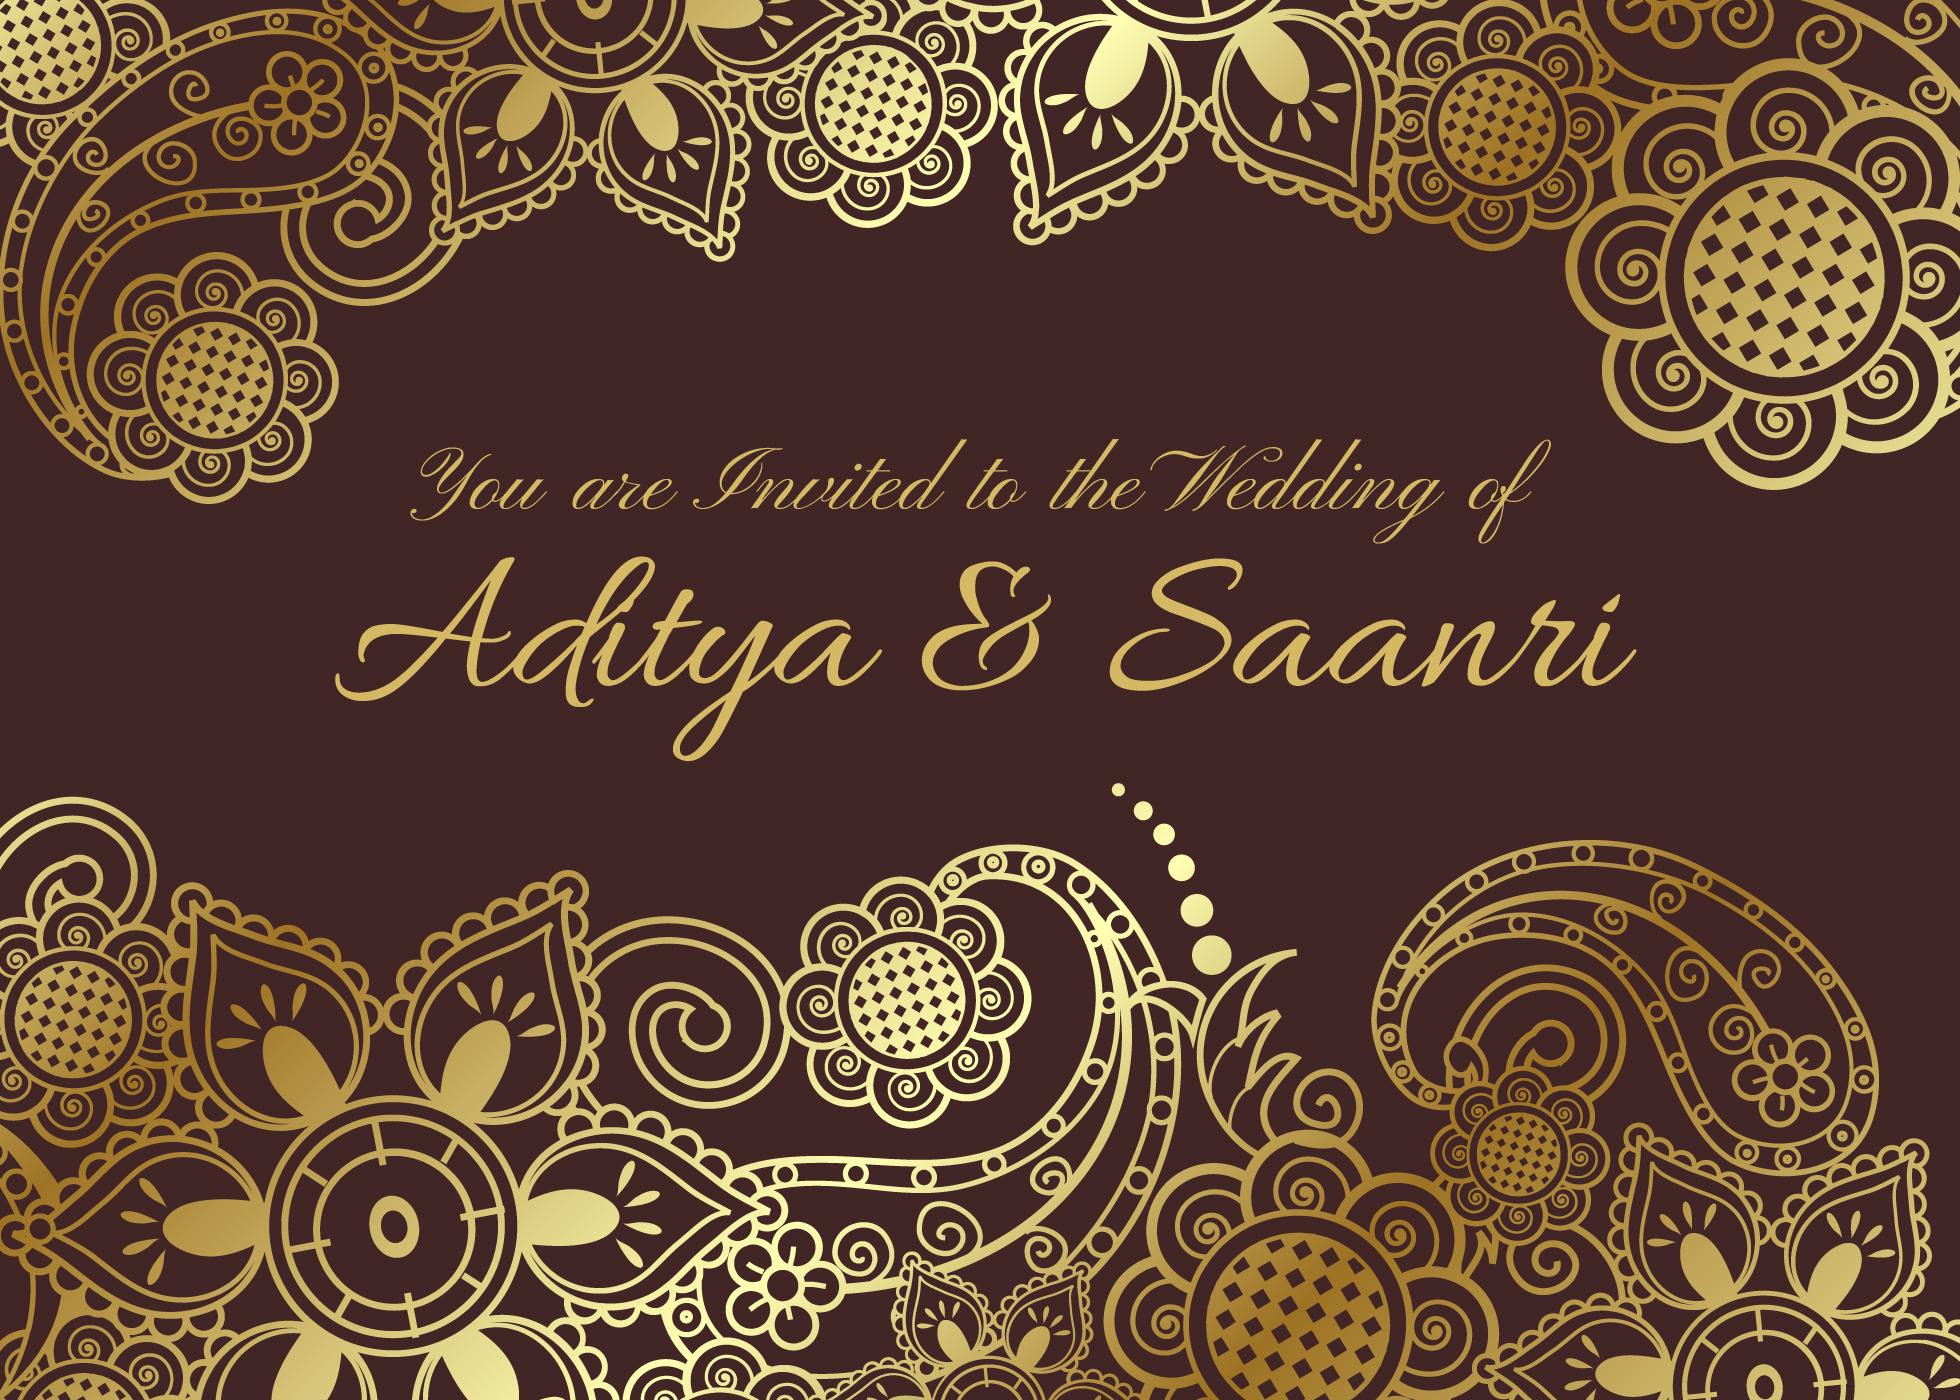 vector golden indian wedding card  download free vector